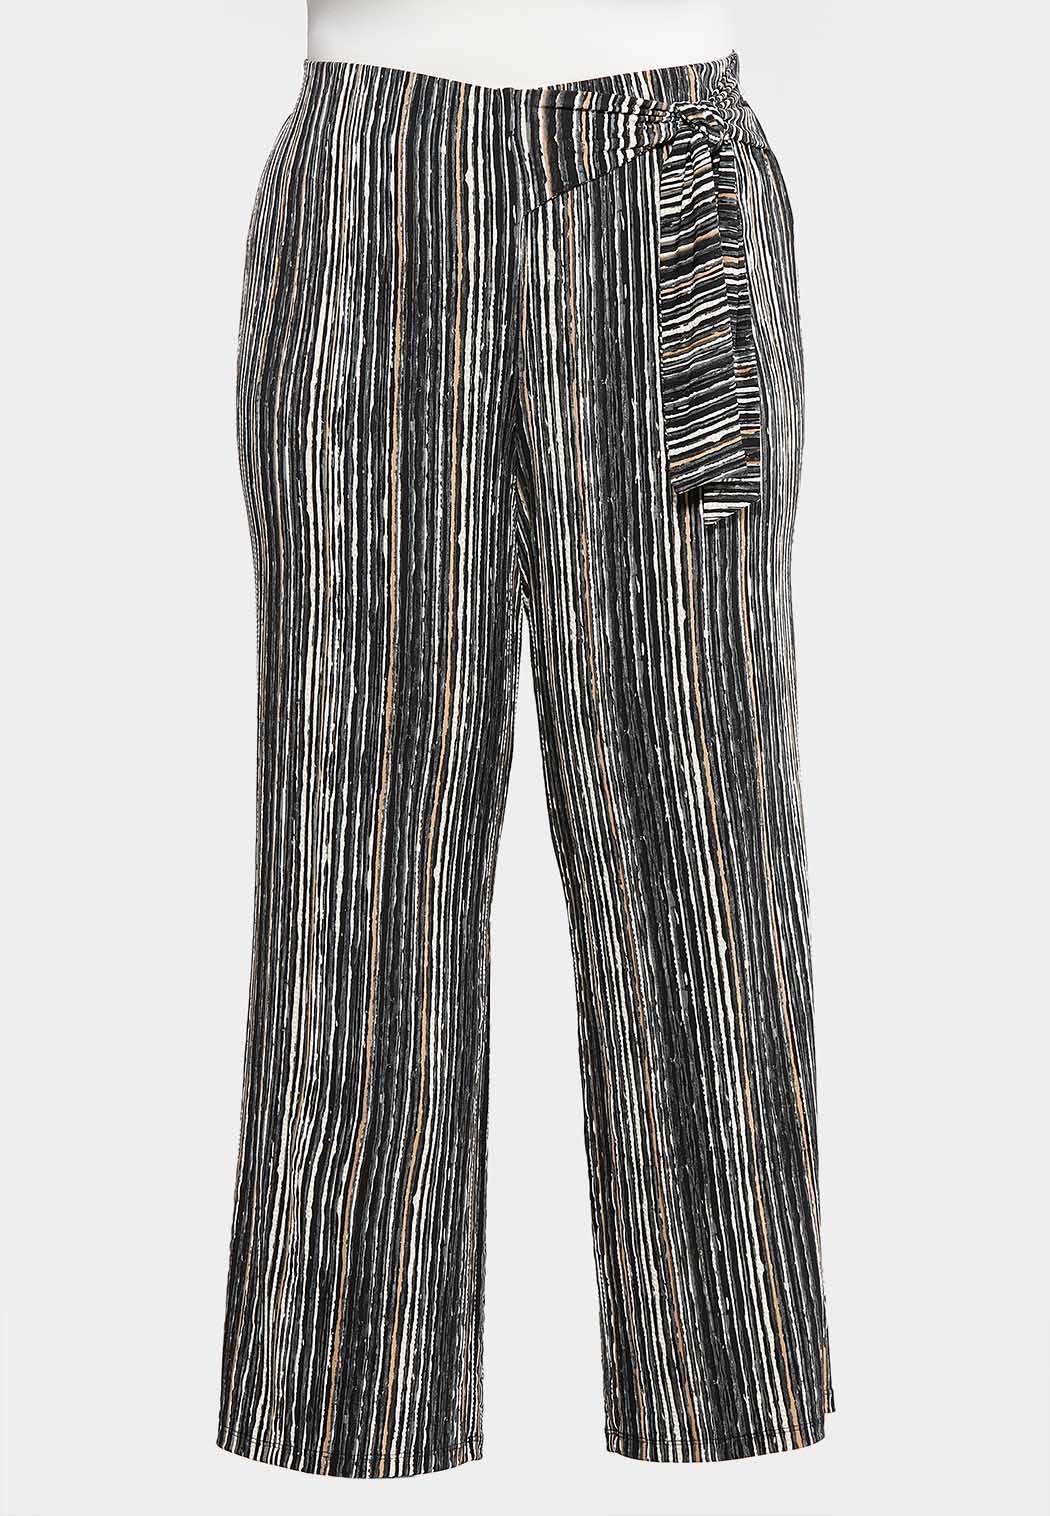 a2ee8c923c42a Women's Plus Size Pants